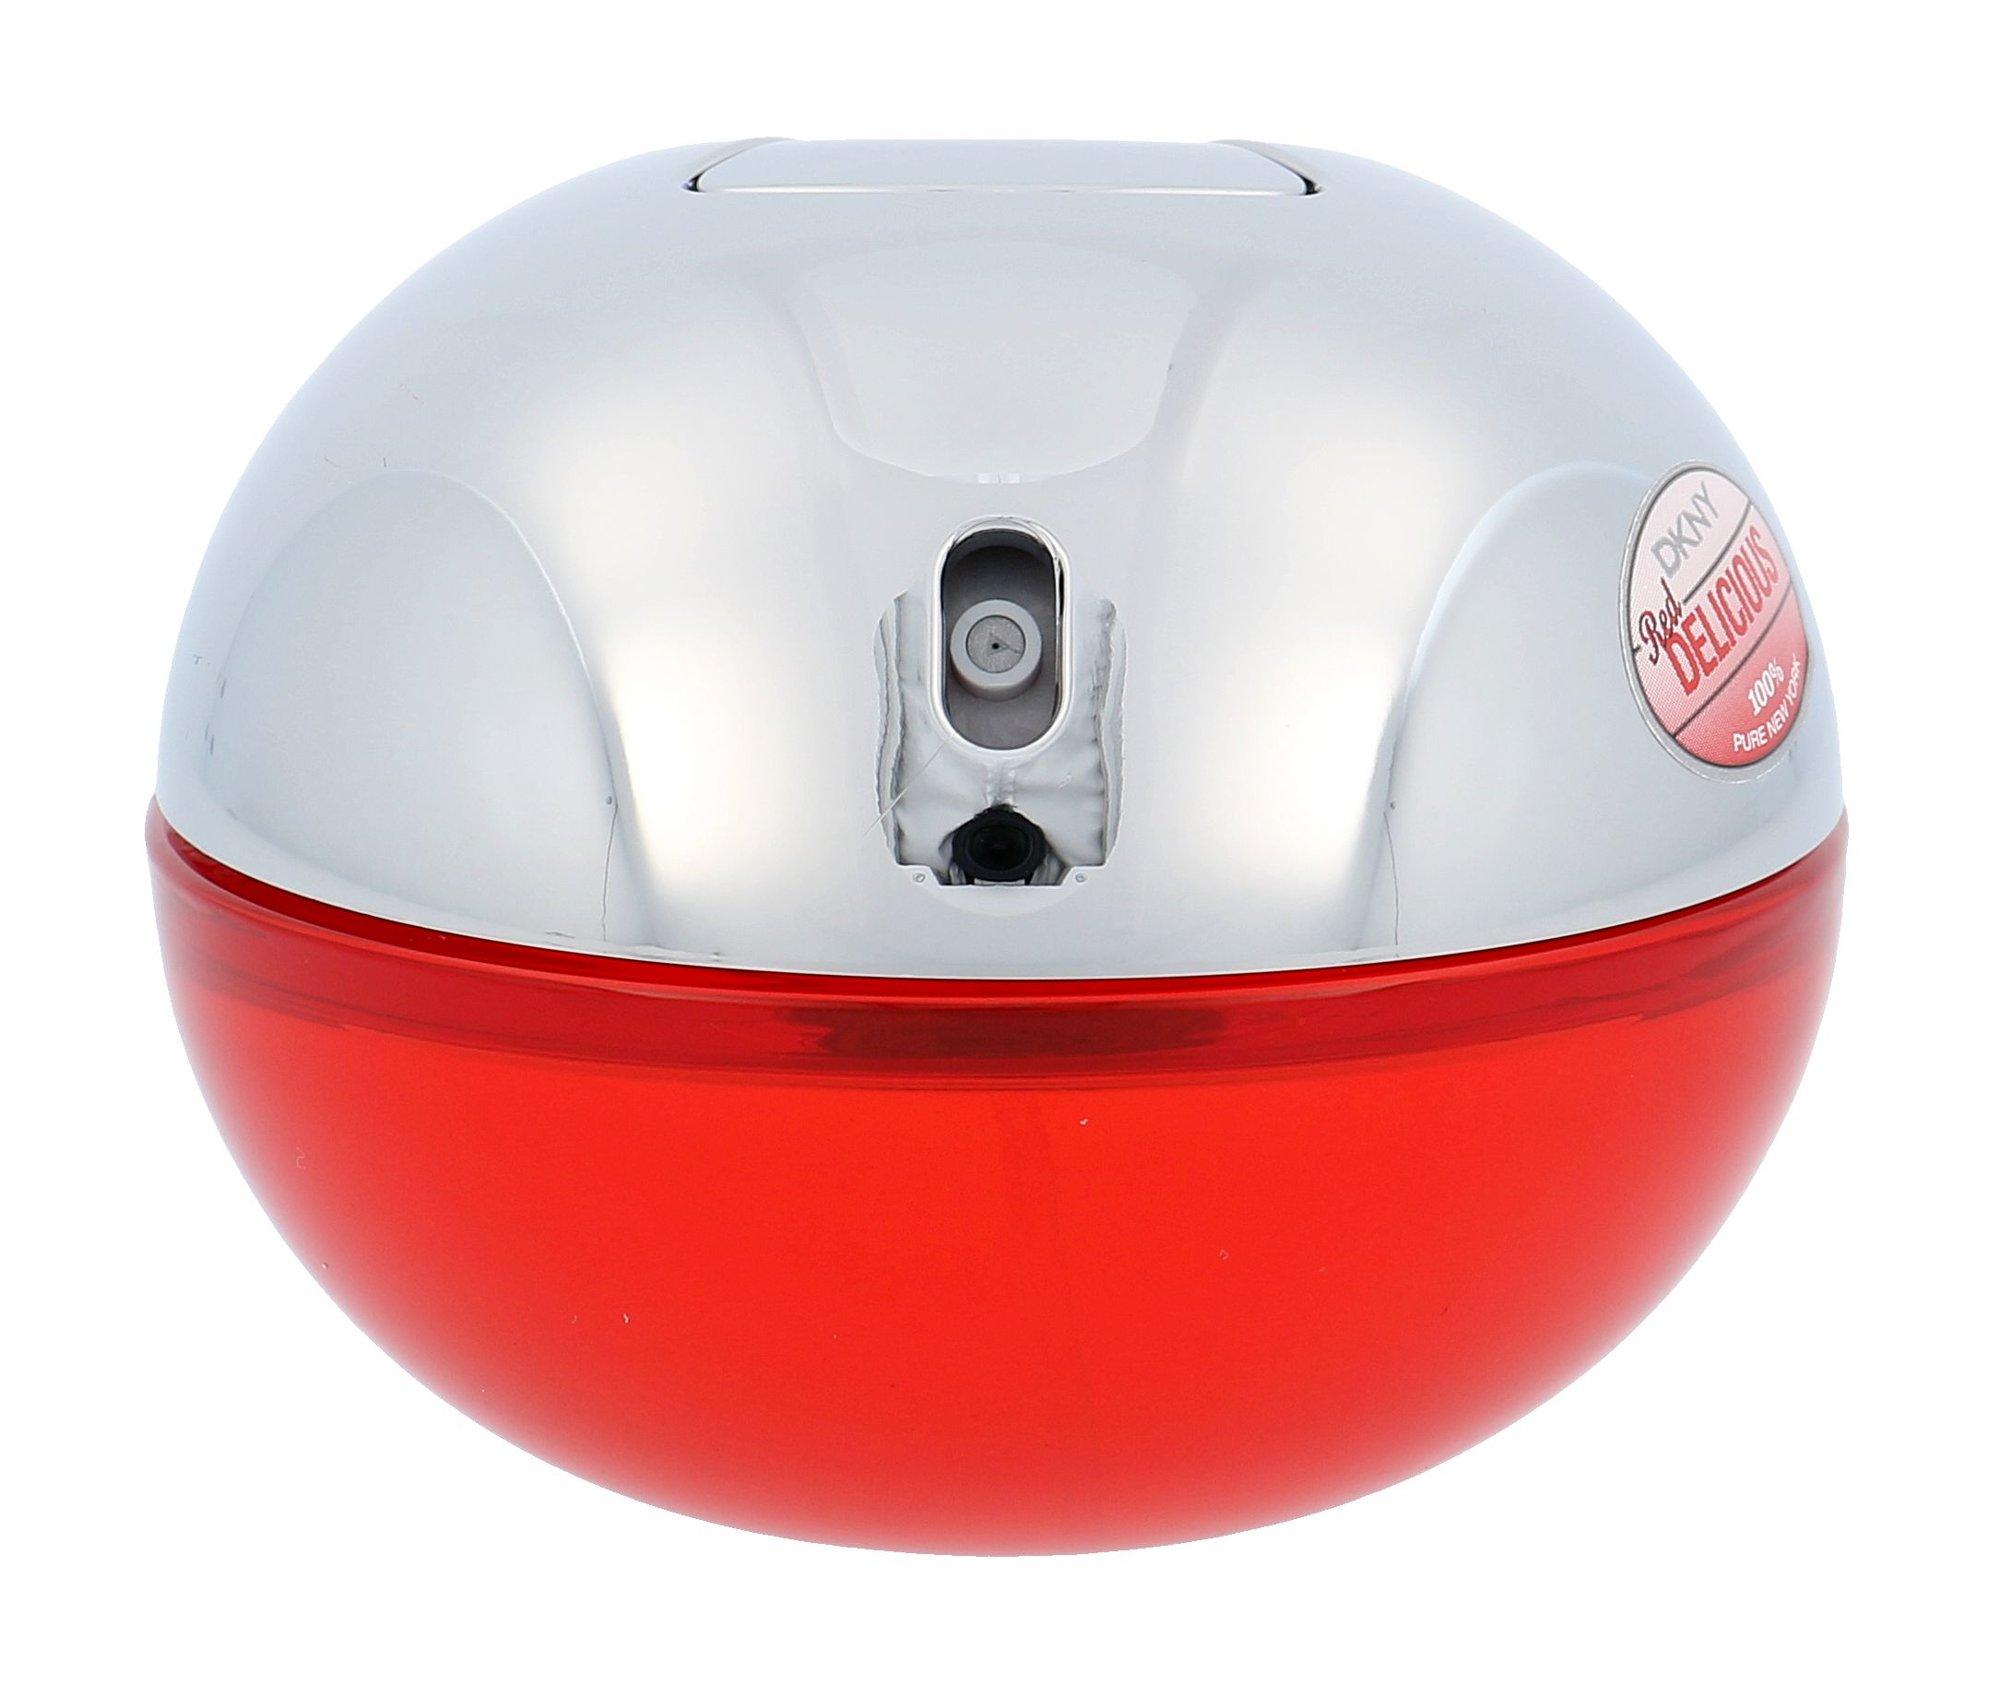 DKNY DKNY Red Delicious EDP 50ml